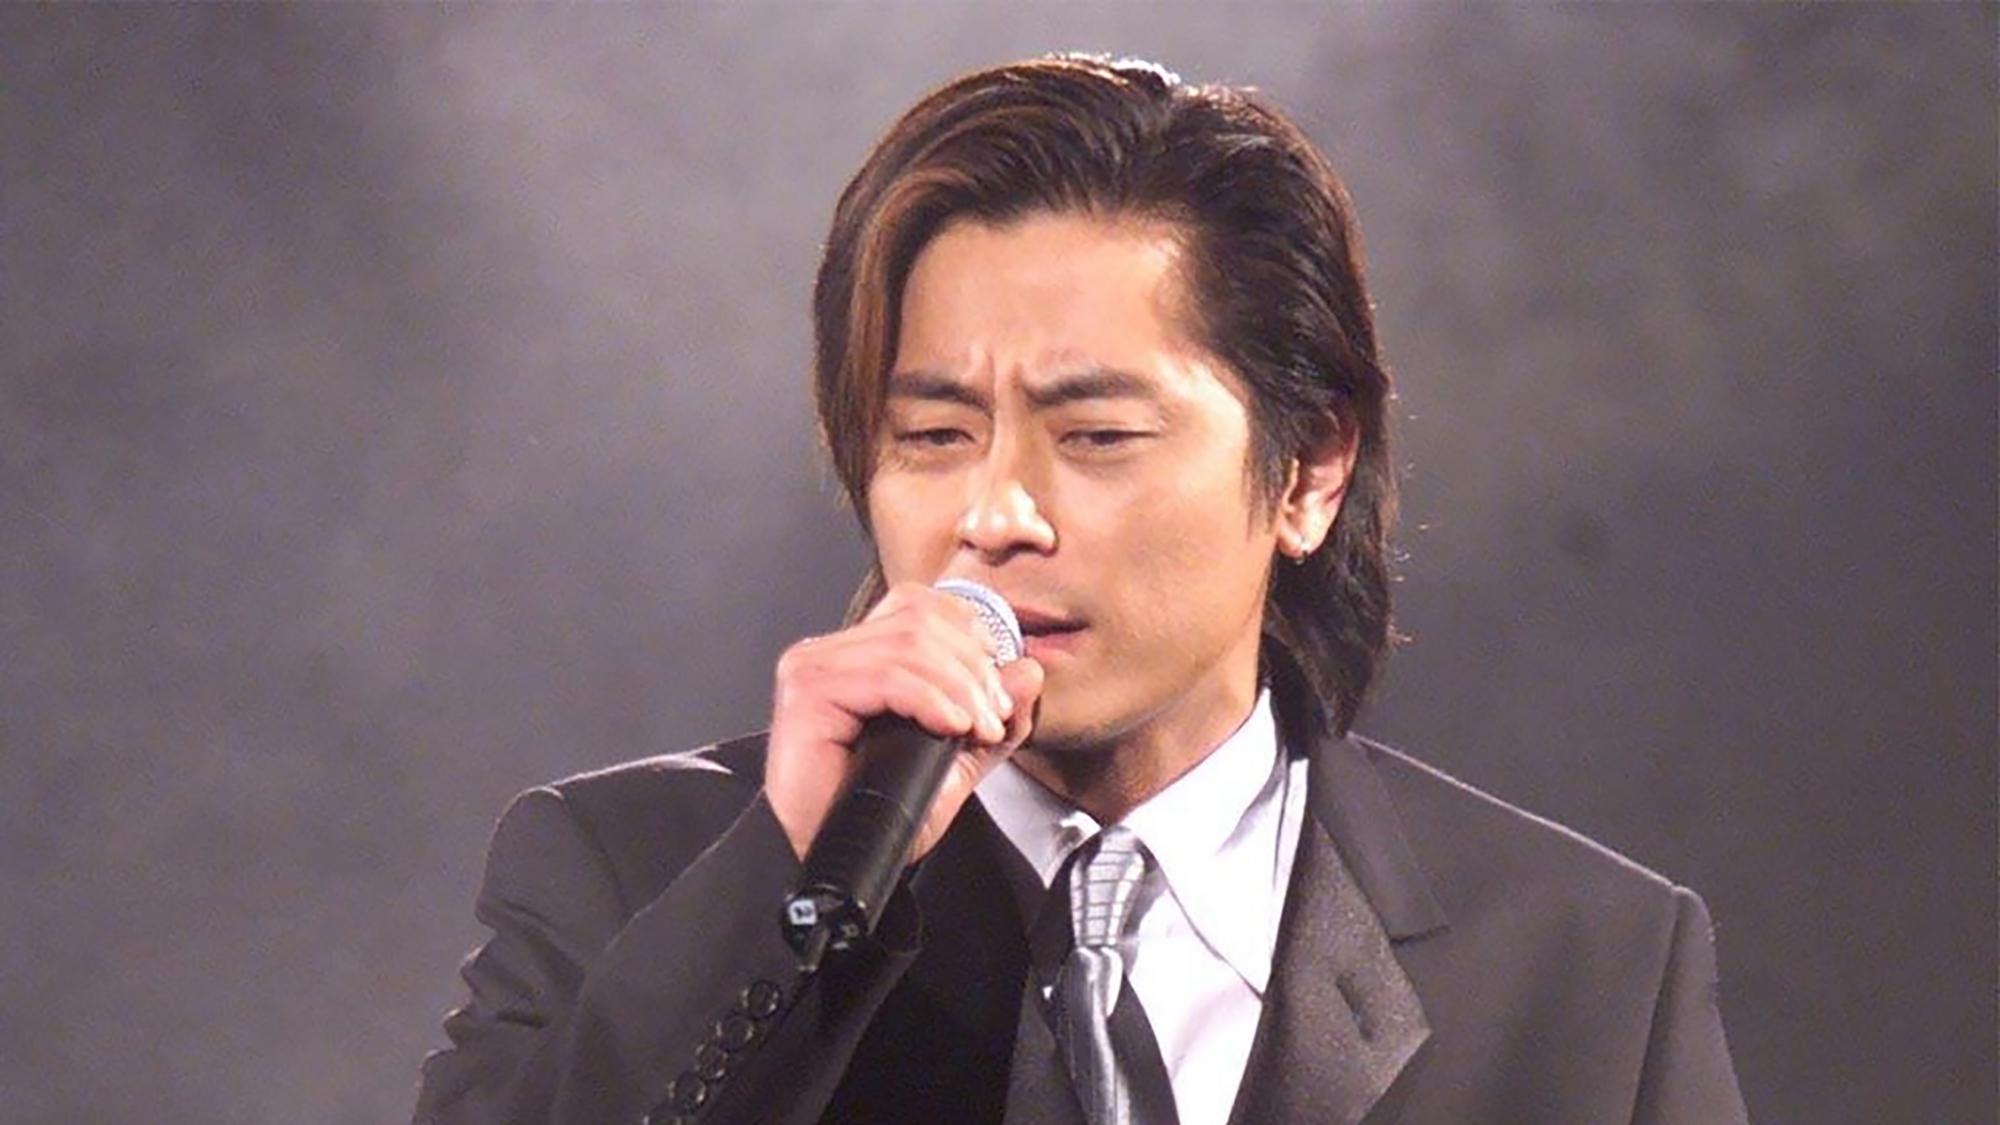 这首歌李宗盛直言火不了,不料王杰坚持演唱,如今已是经典中的经典!